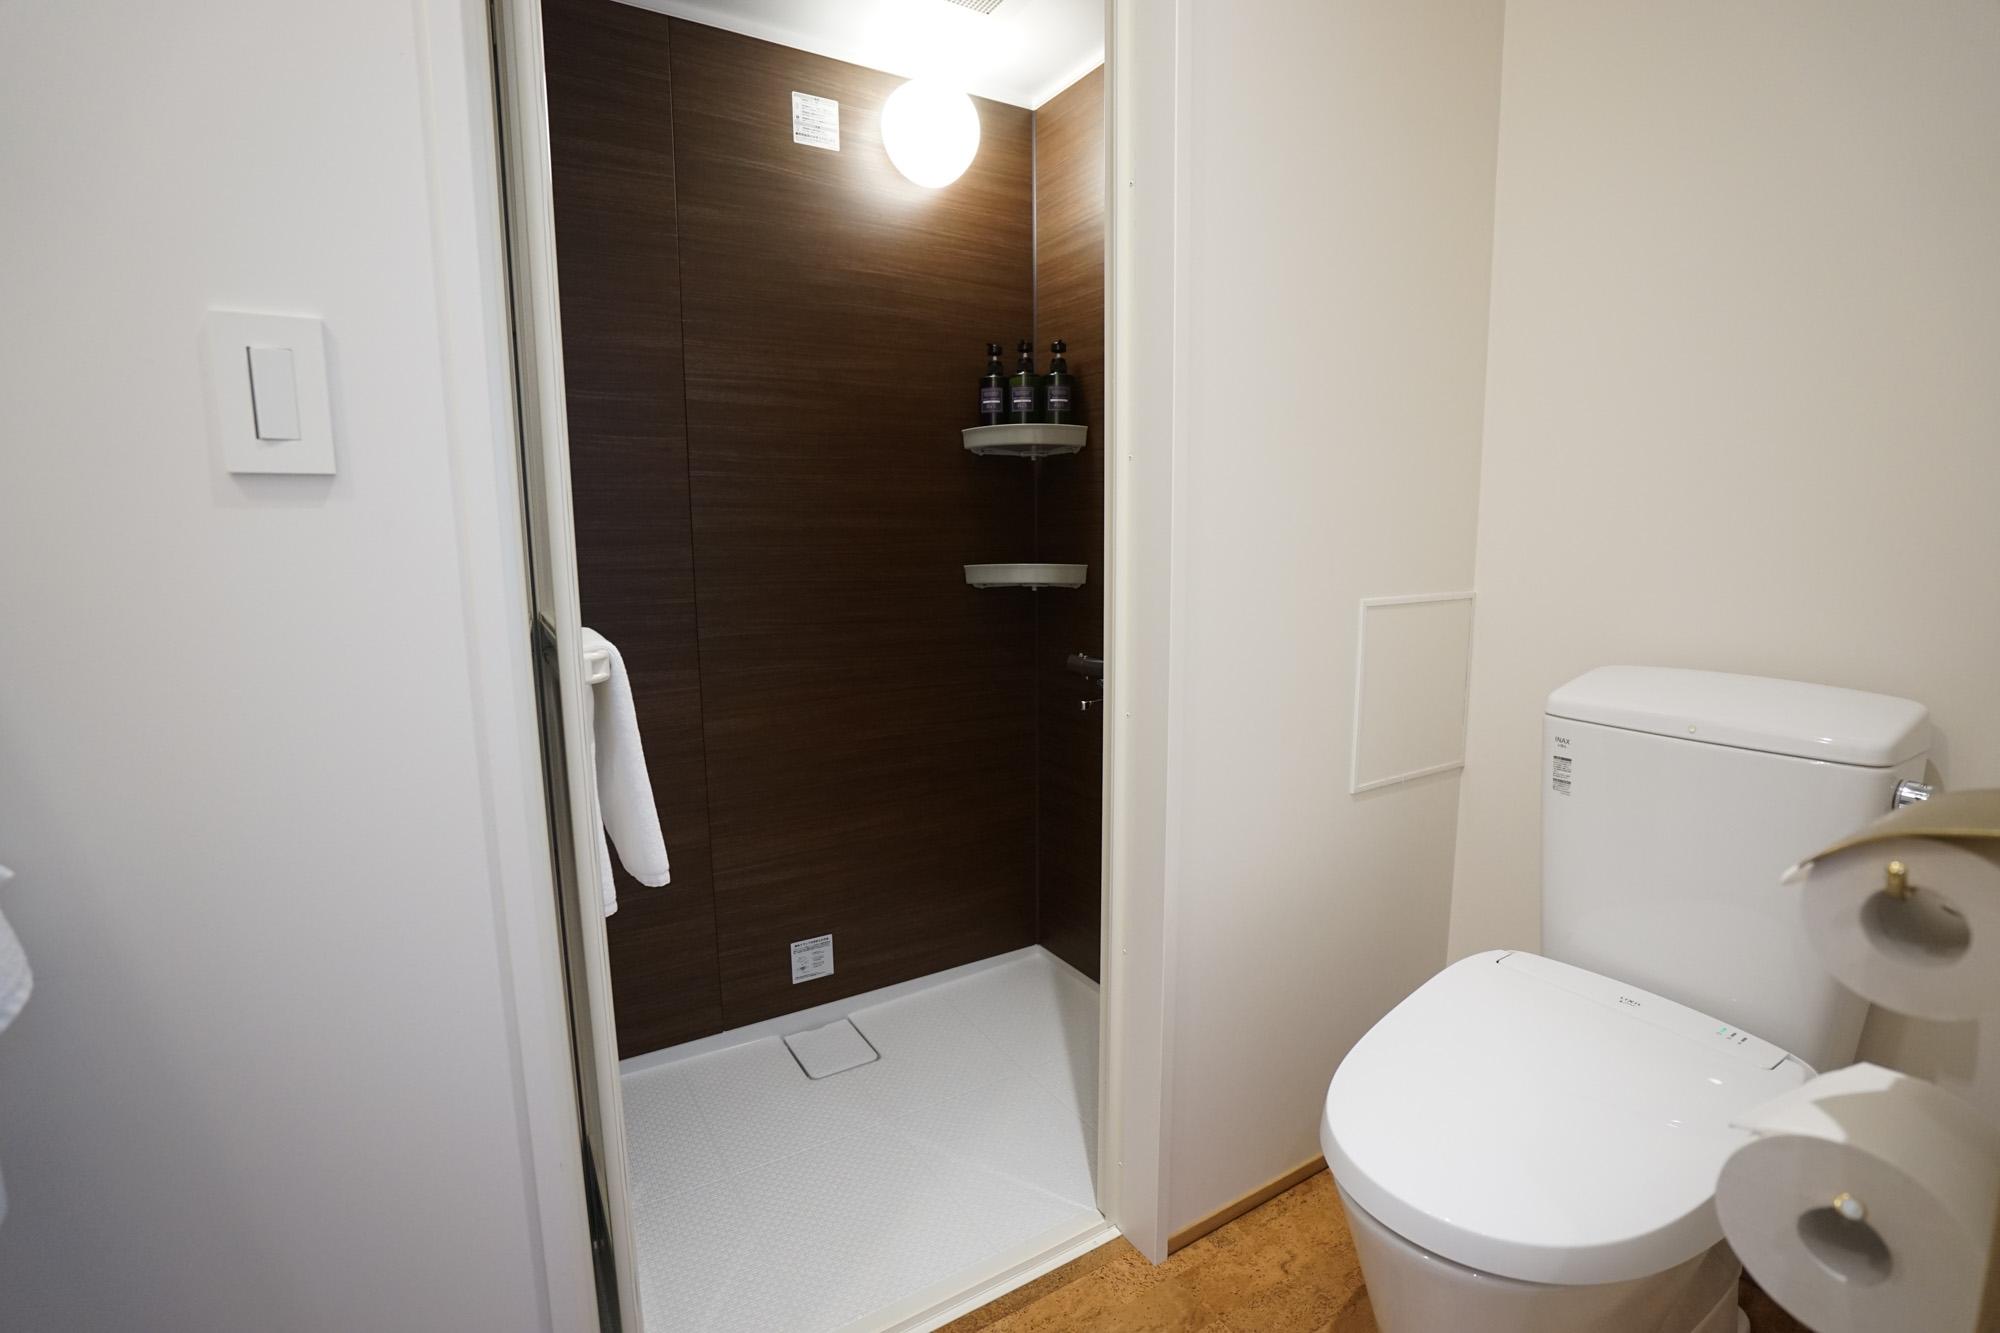 シャワーのみですが、トイレとしっかり空間を分けられるのは嬉しいです。トイレはウォシュレット完備。